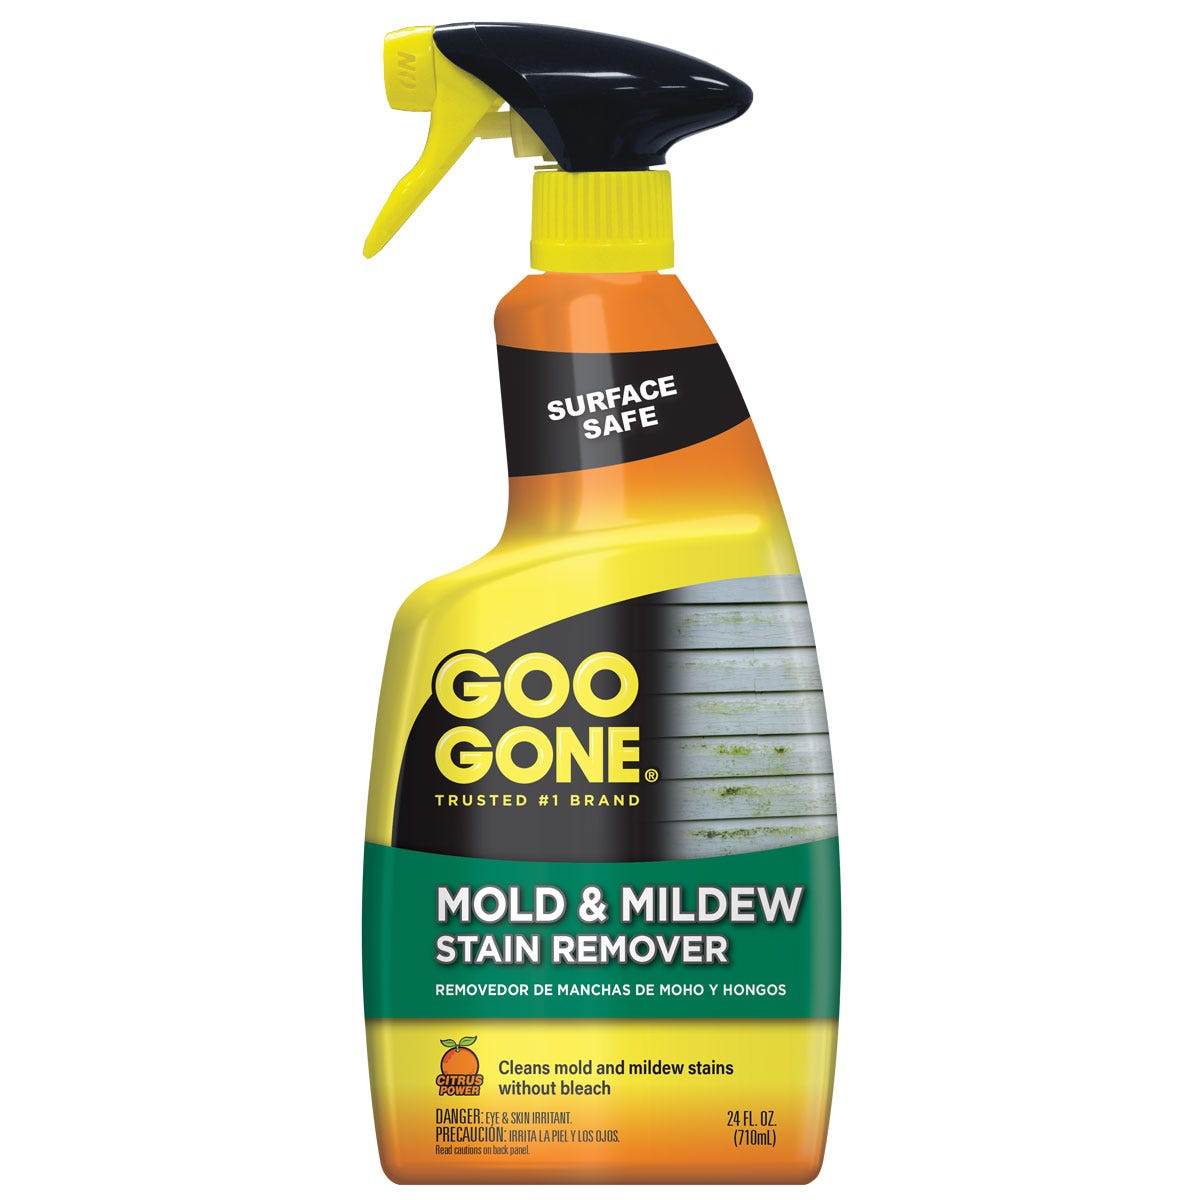 https://googone.com/media/catalog/product/m/i/mildew-stain-remover_front.jpg